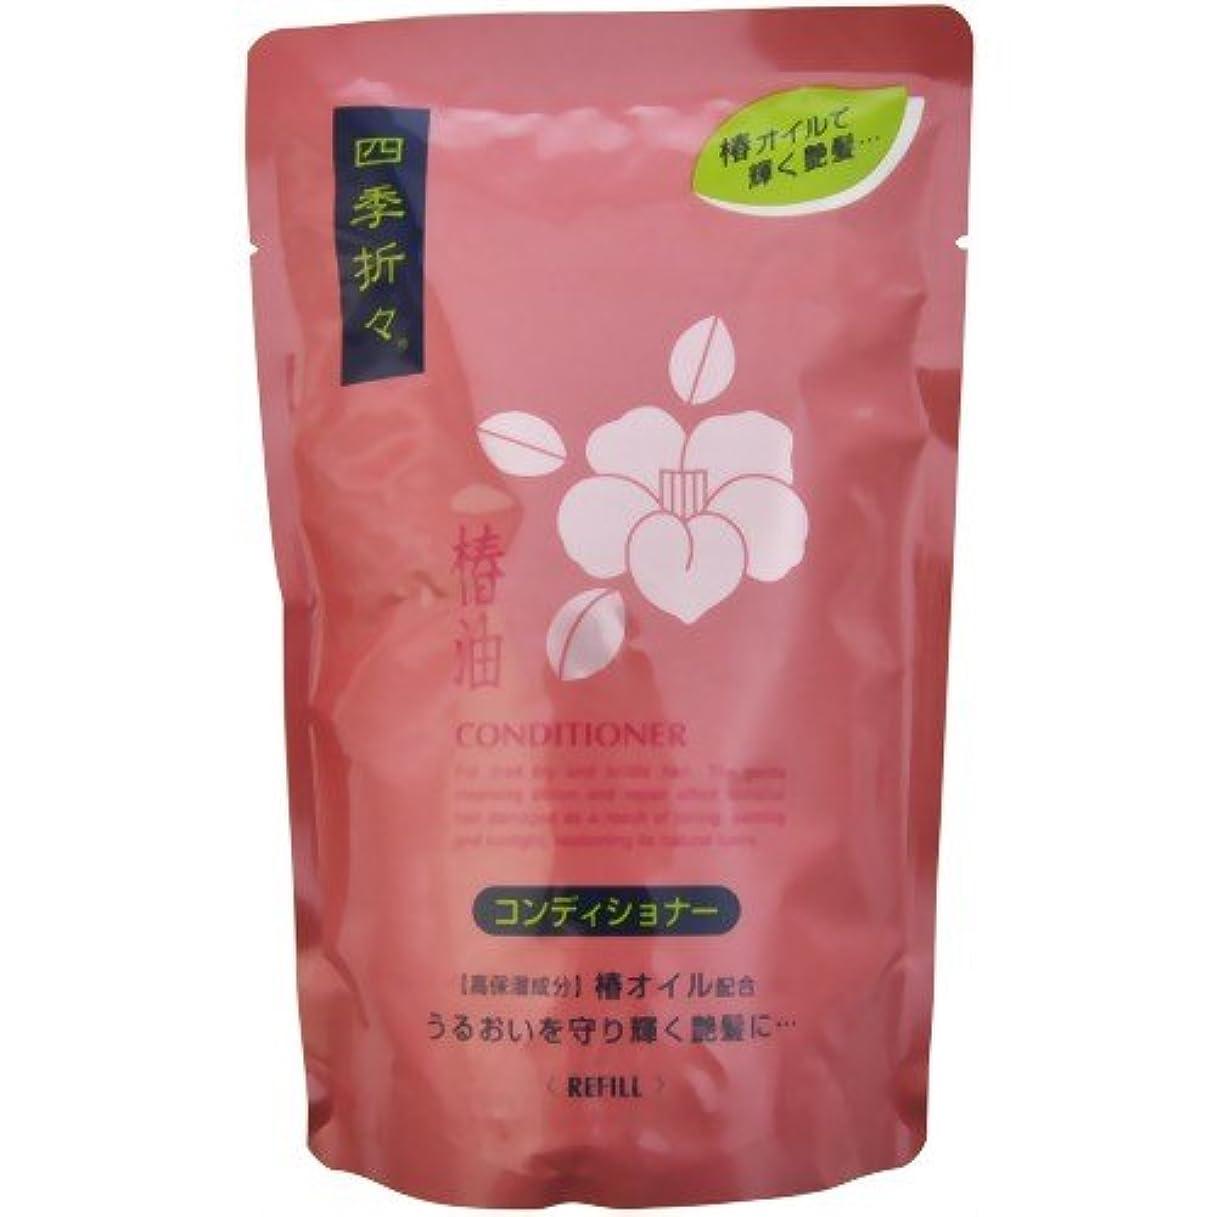 アトミックの着飾る熊野油脂 四季折々 椿油コンディショナー 詰替用 450ml